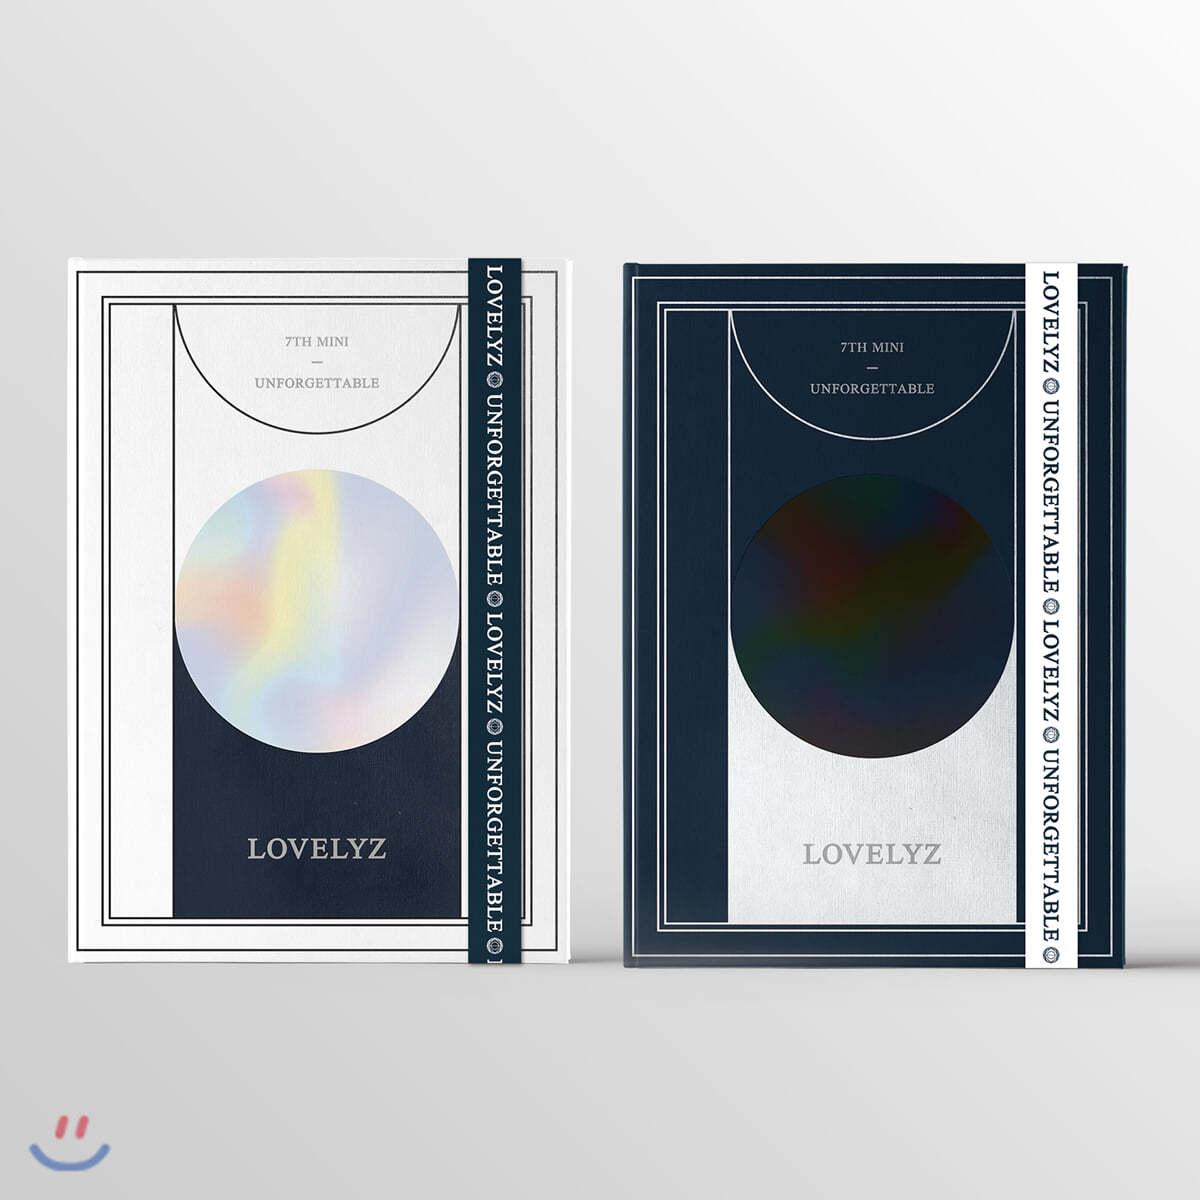 러블리즈 (Lovelyz) - 미니앨범 7집 : Unforgettable [A ver.]